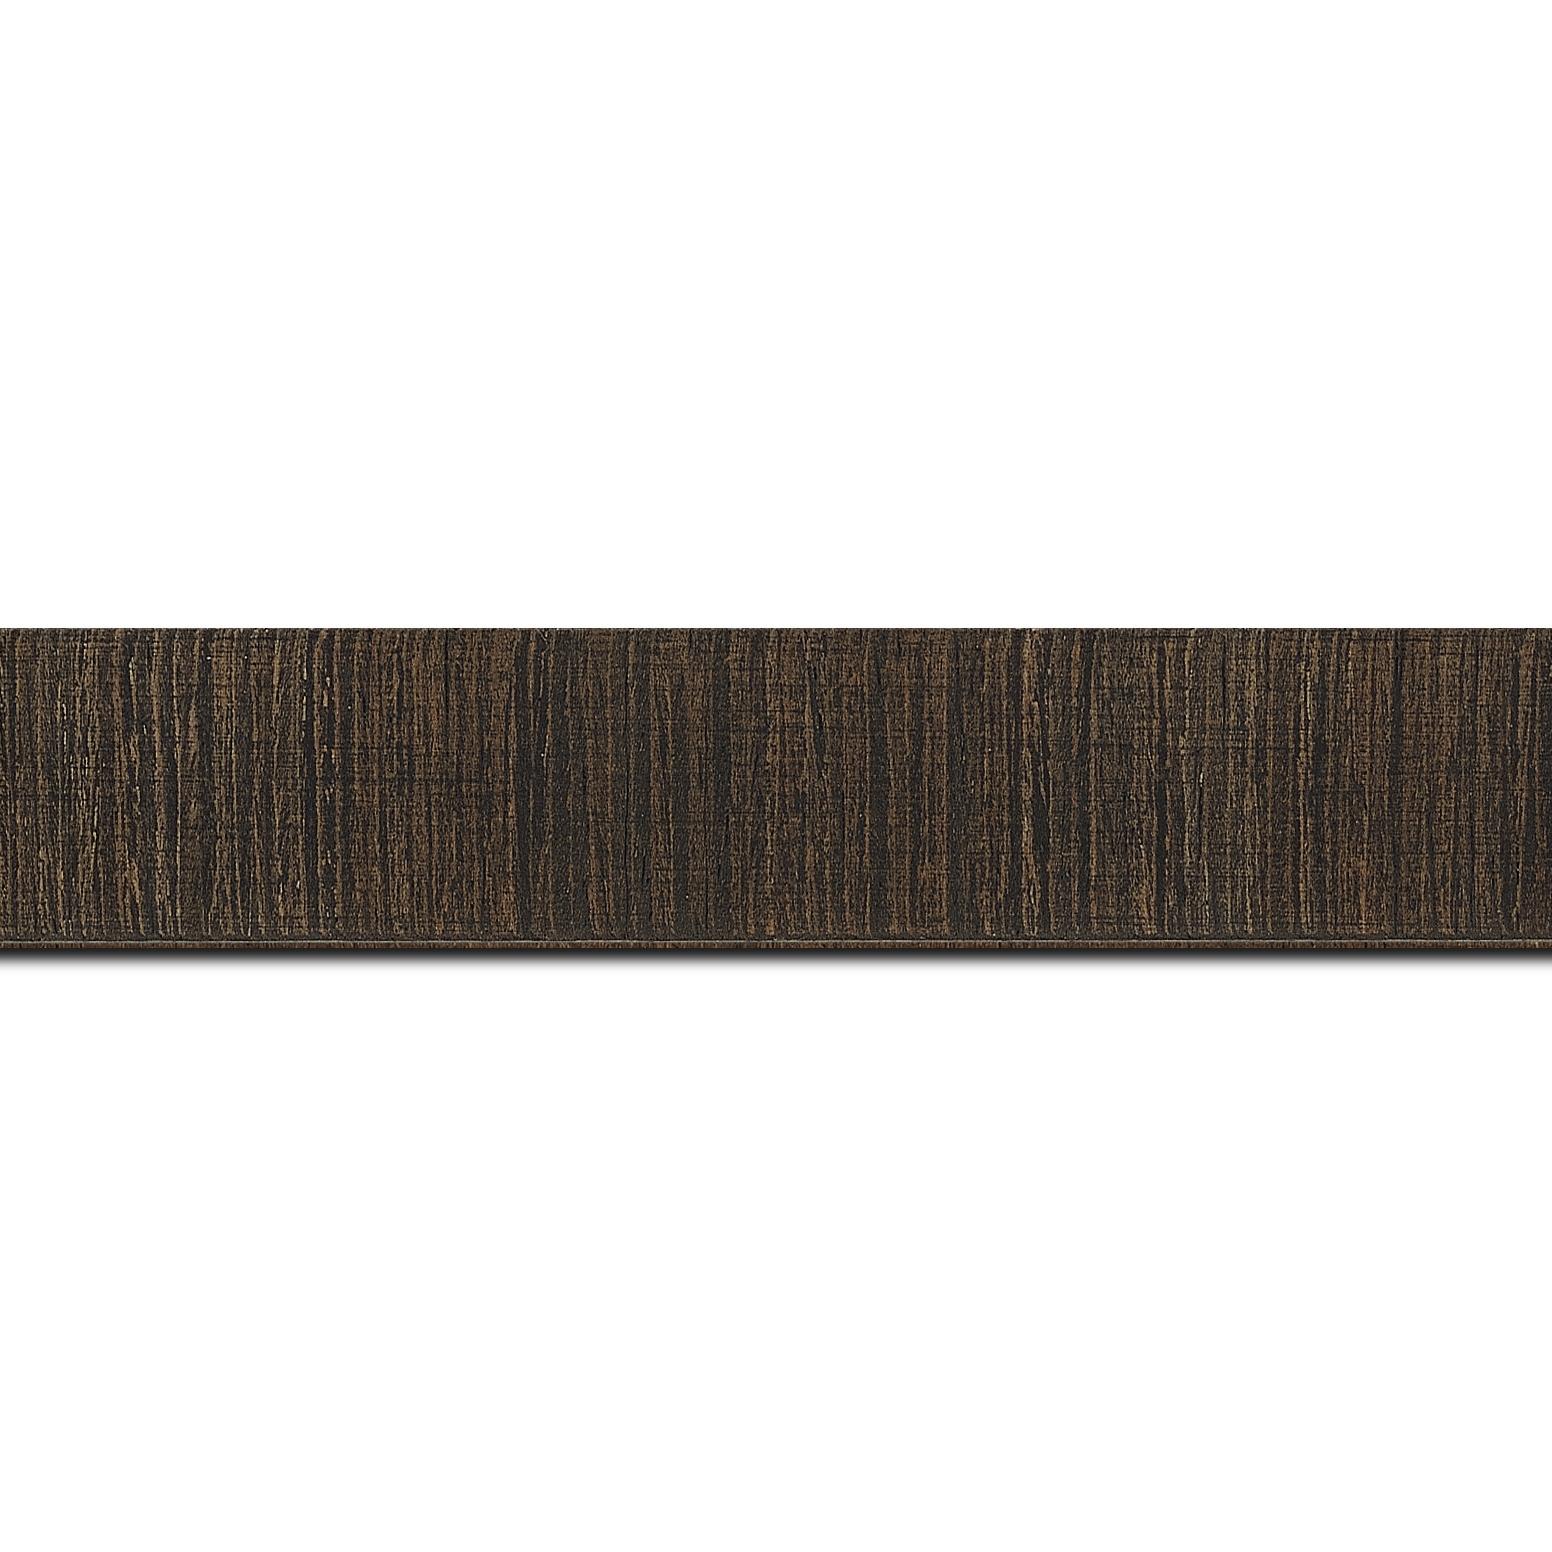 Pack par 12m, bois profil incurvé largeur 2.8cm plaquage haut de gamme teck noirci(longueur baguette pouvant varier entre 2.40m et 3m selon arrivage des bois)